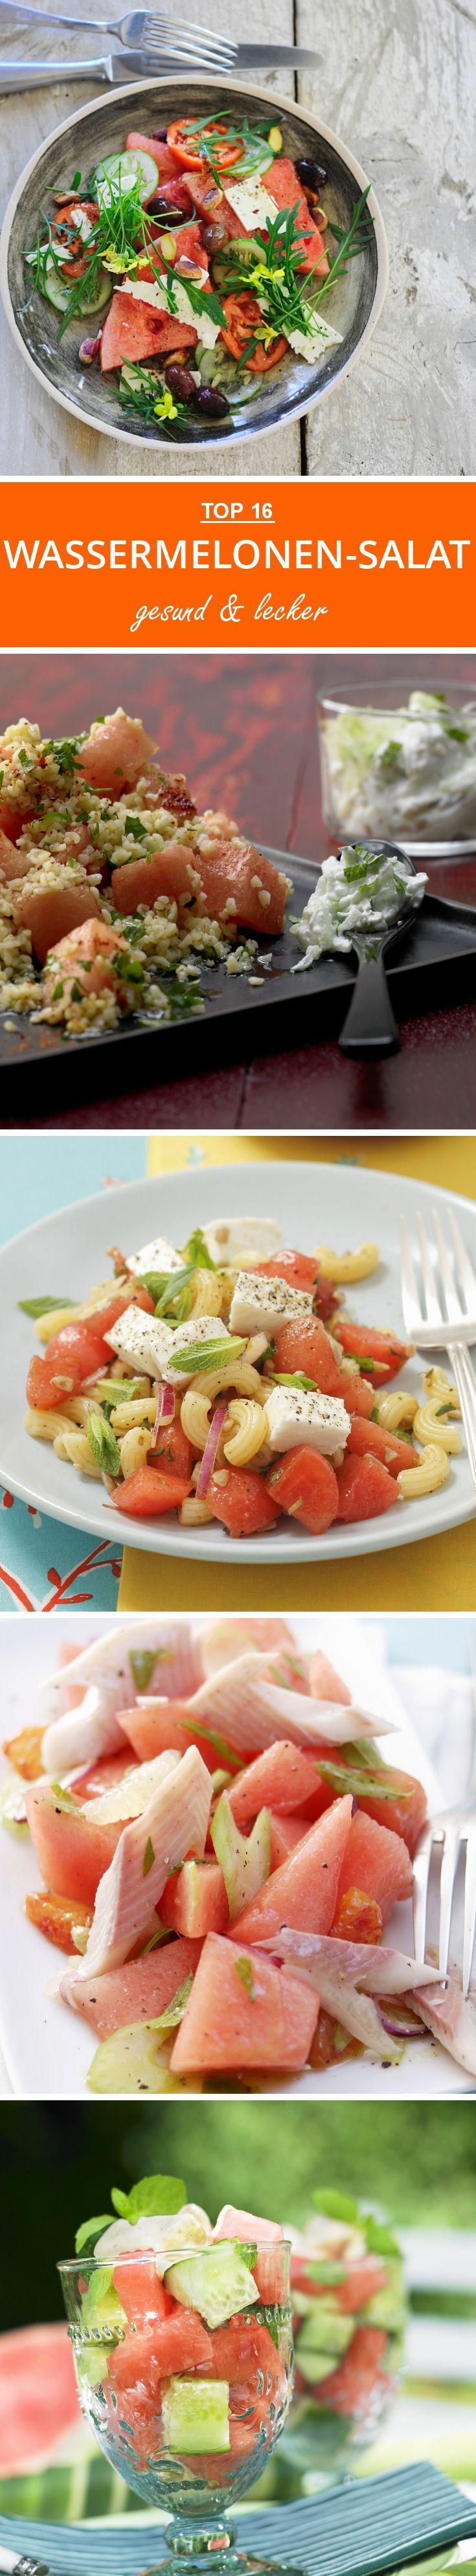 Schnell zubereitet und Low-Carb, unsere besten Wassermelonen-Salate, auf eatsmarter.de